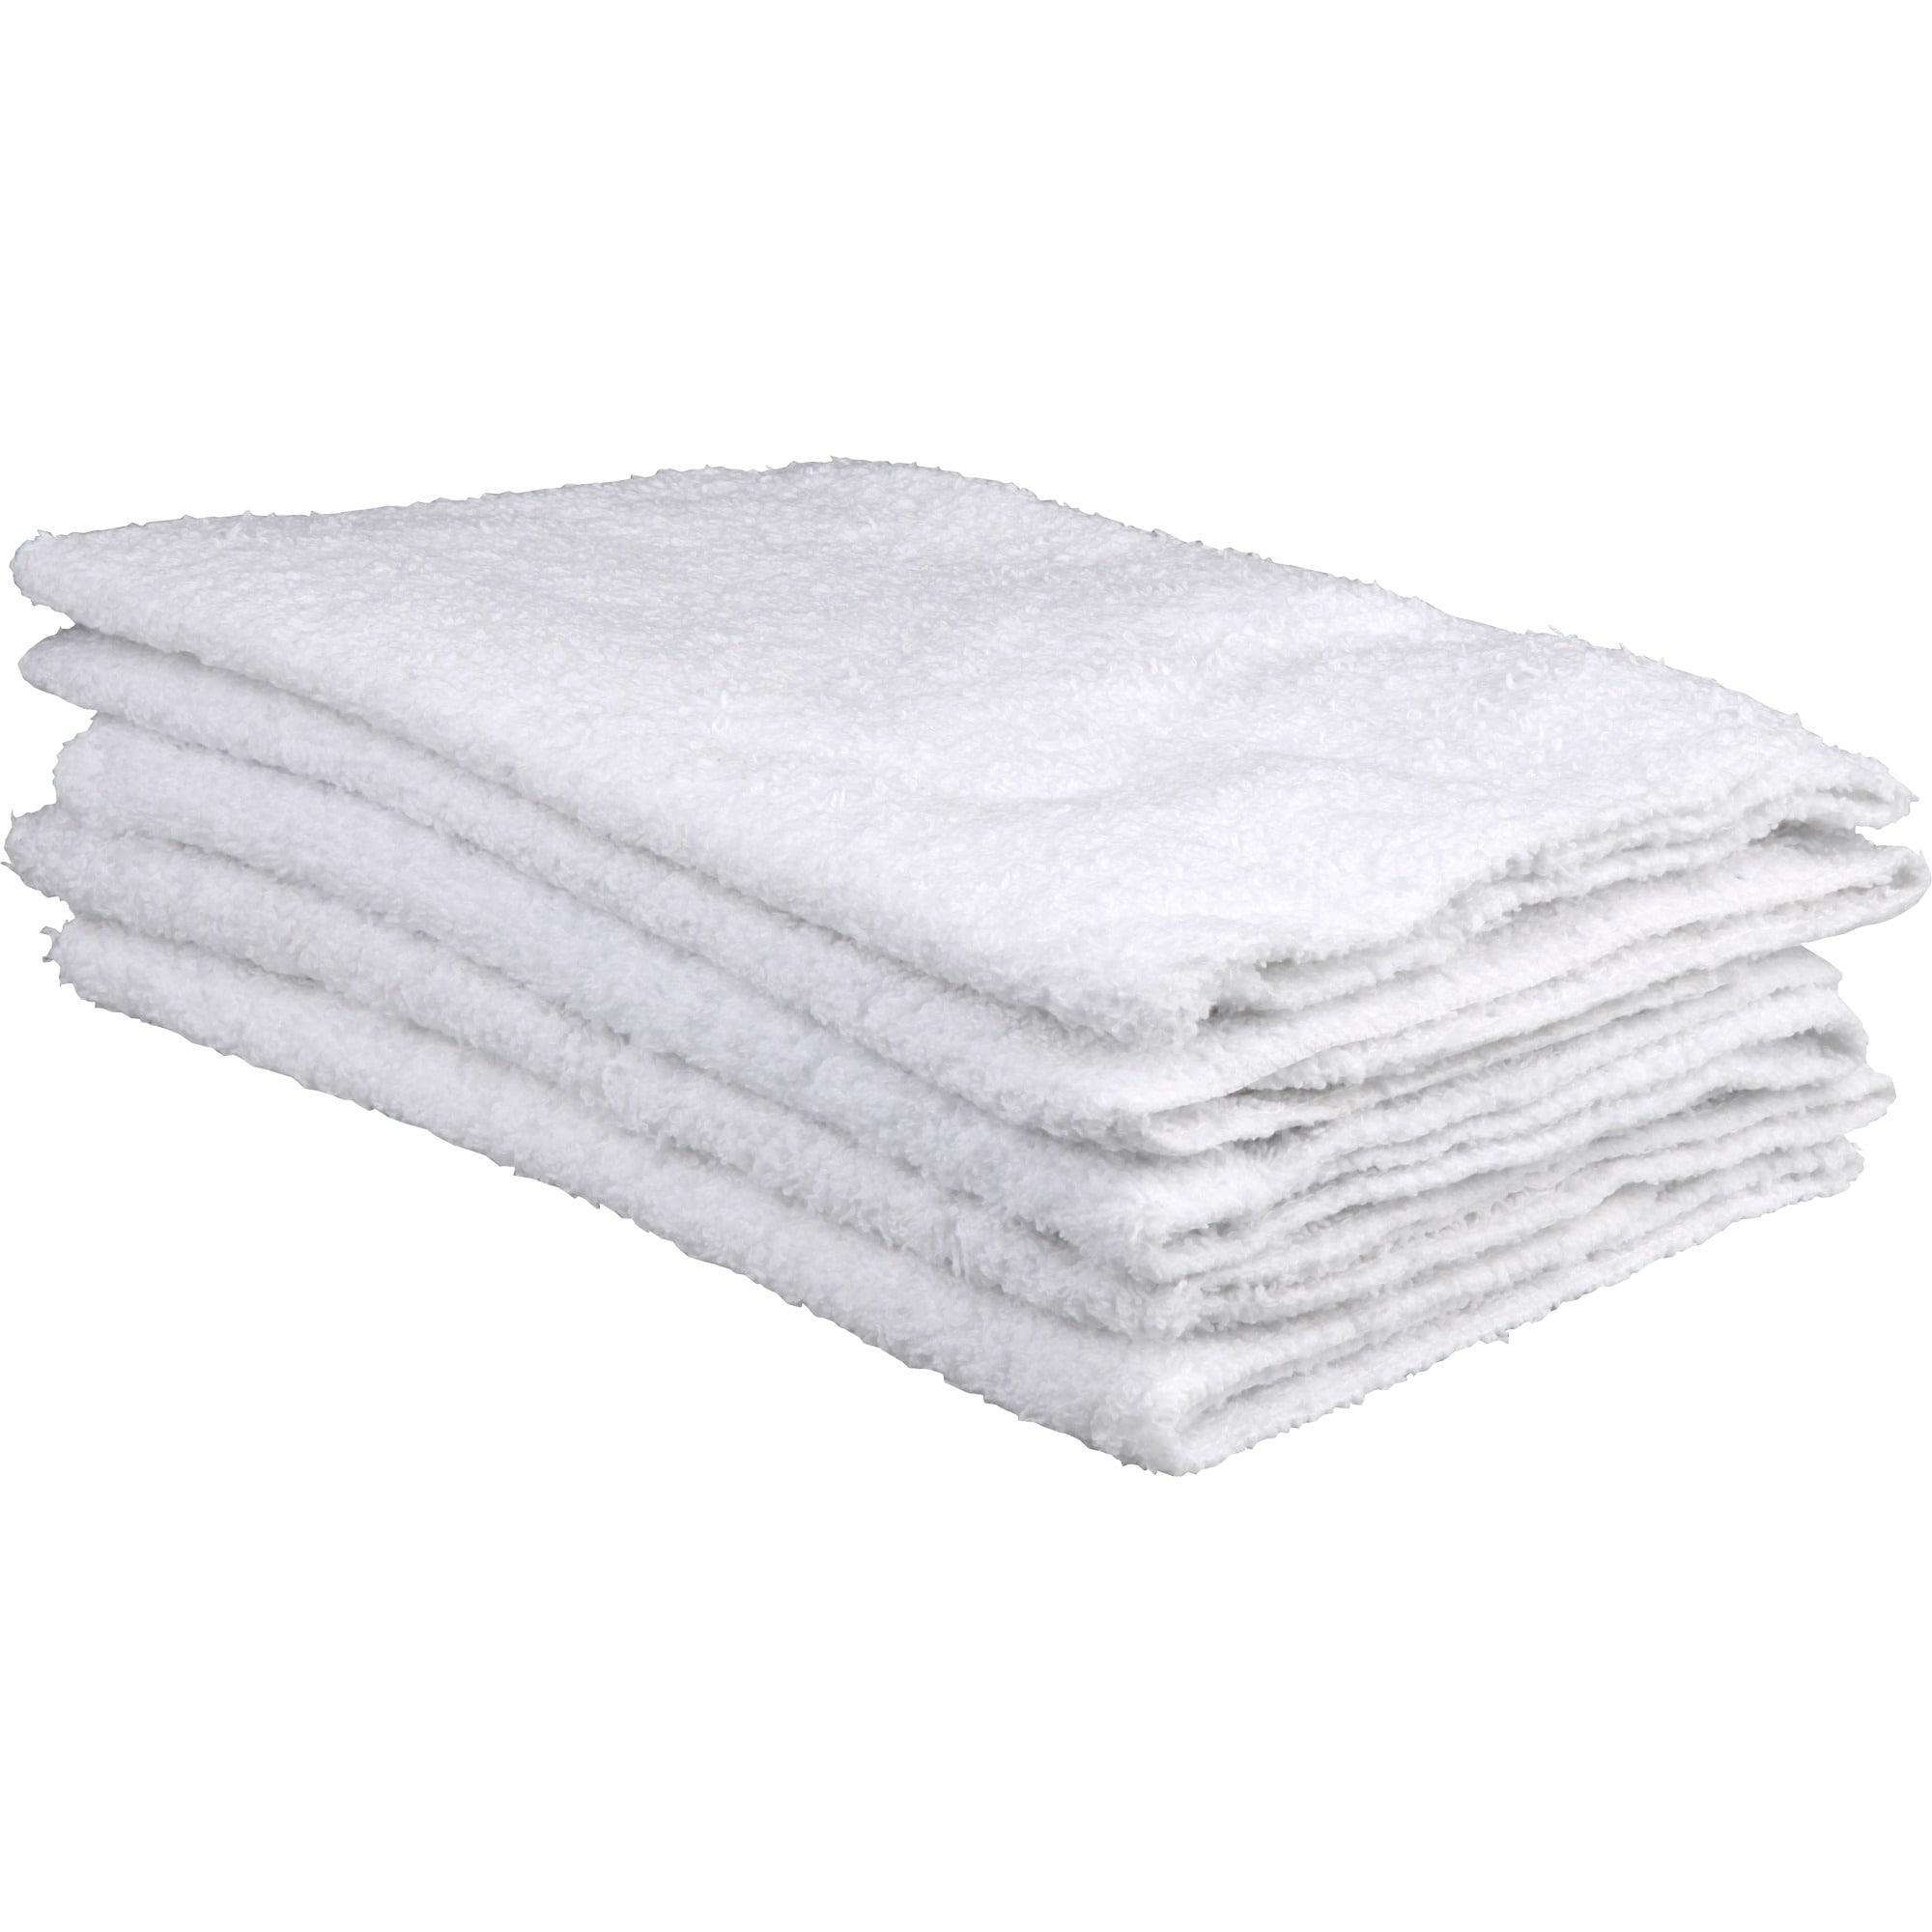 Kärcher Reinigungstücher für Dampfreiniger Frottee breit